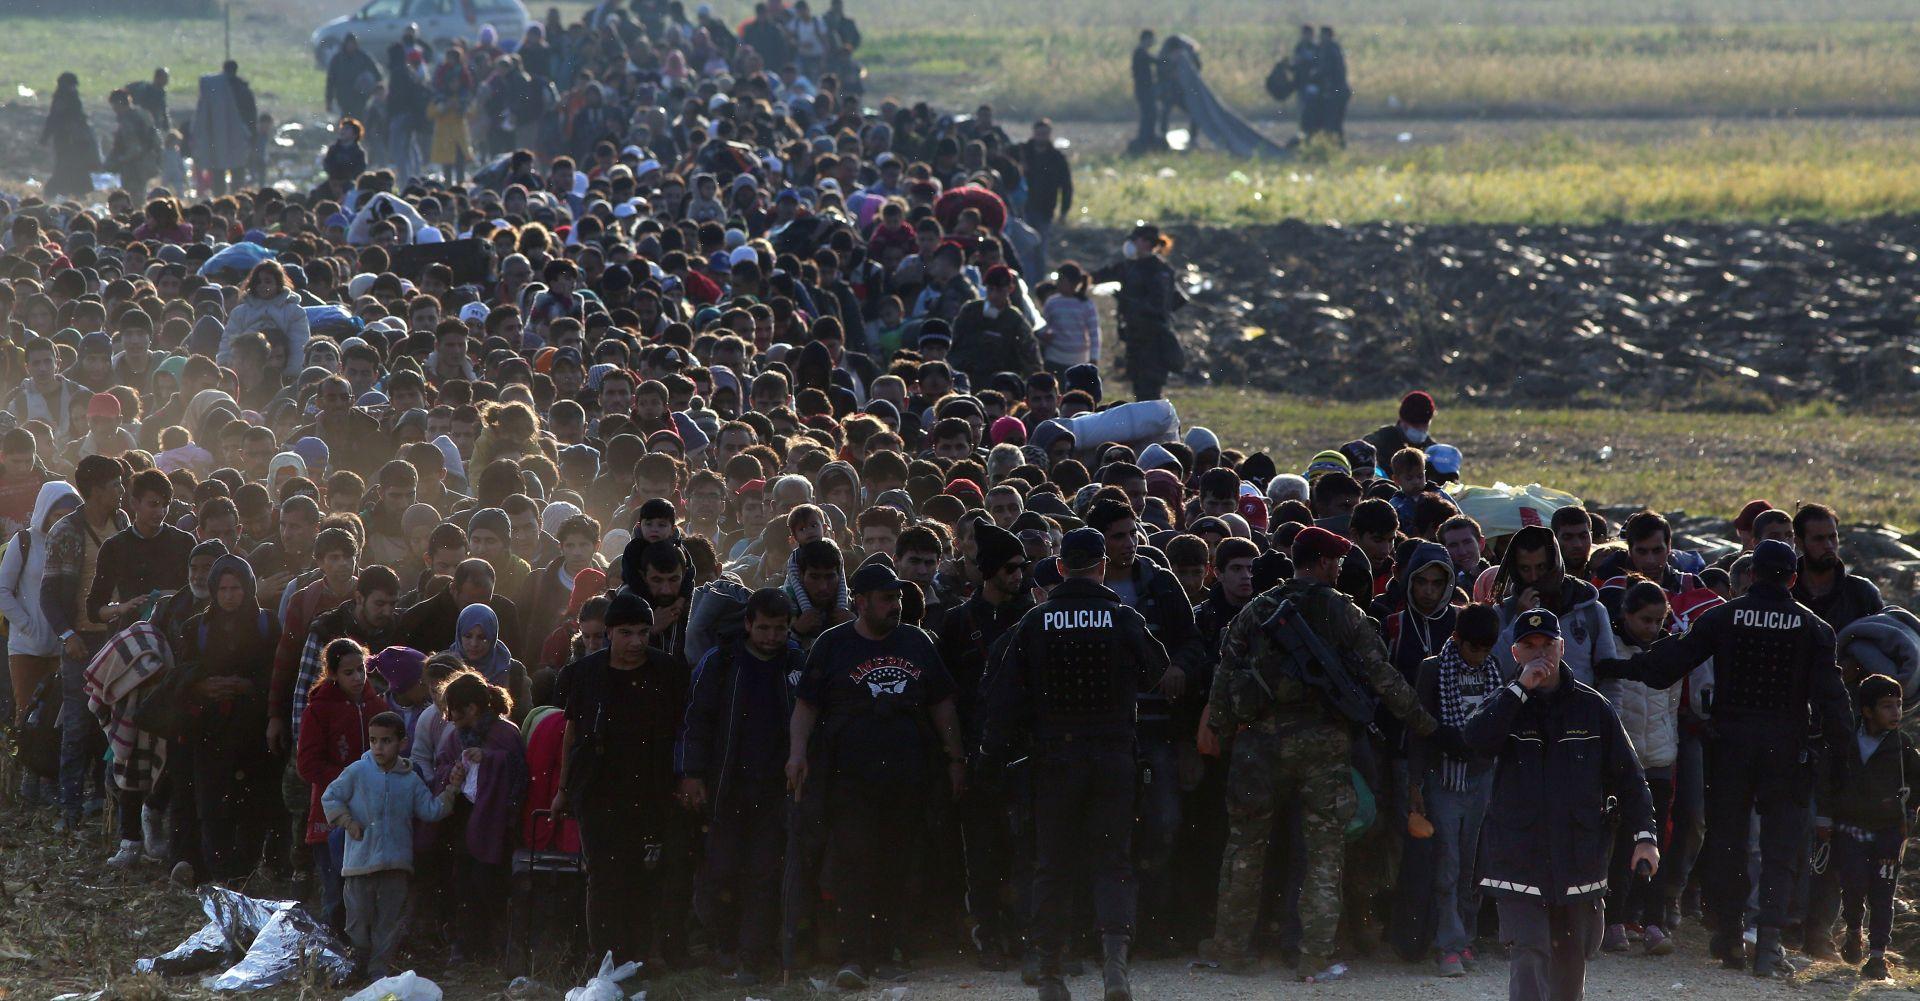 MIGRANTSKA KRIZA: U Sloveniju do sada ušlo 150.000 izbjeglica, u zemlji ih je još 6000